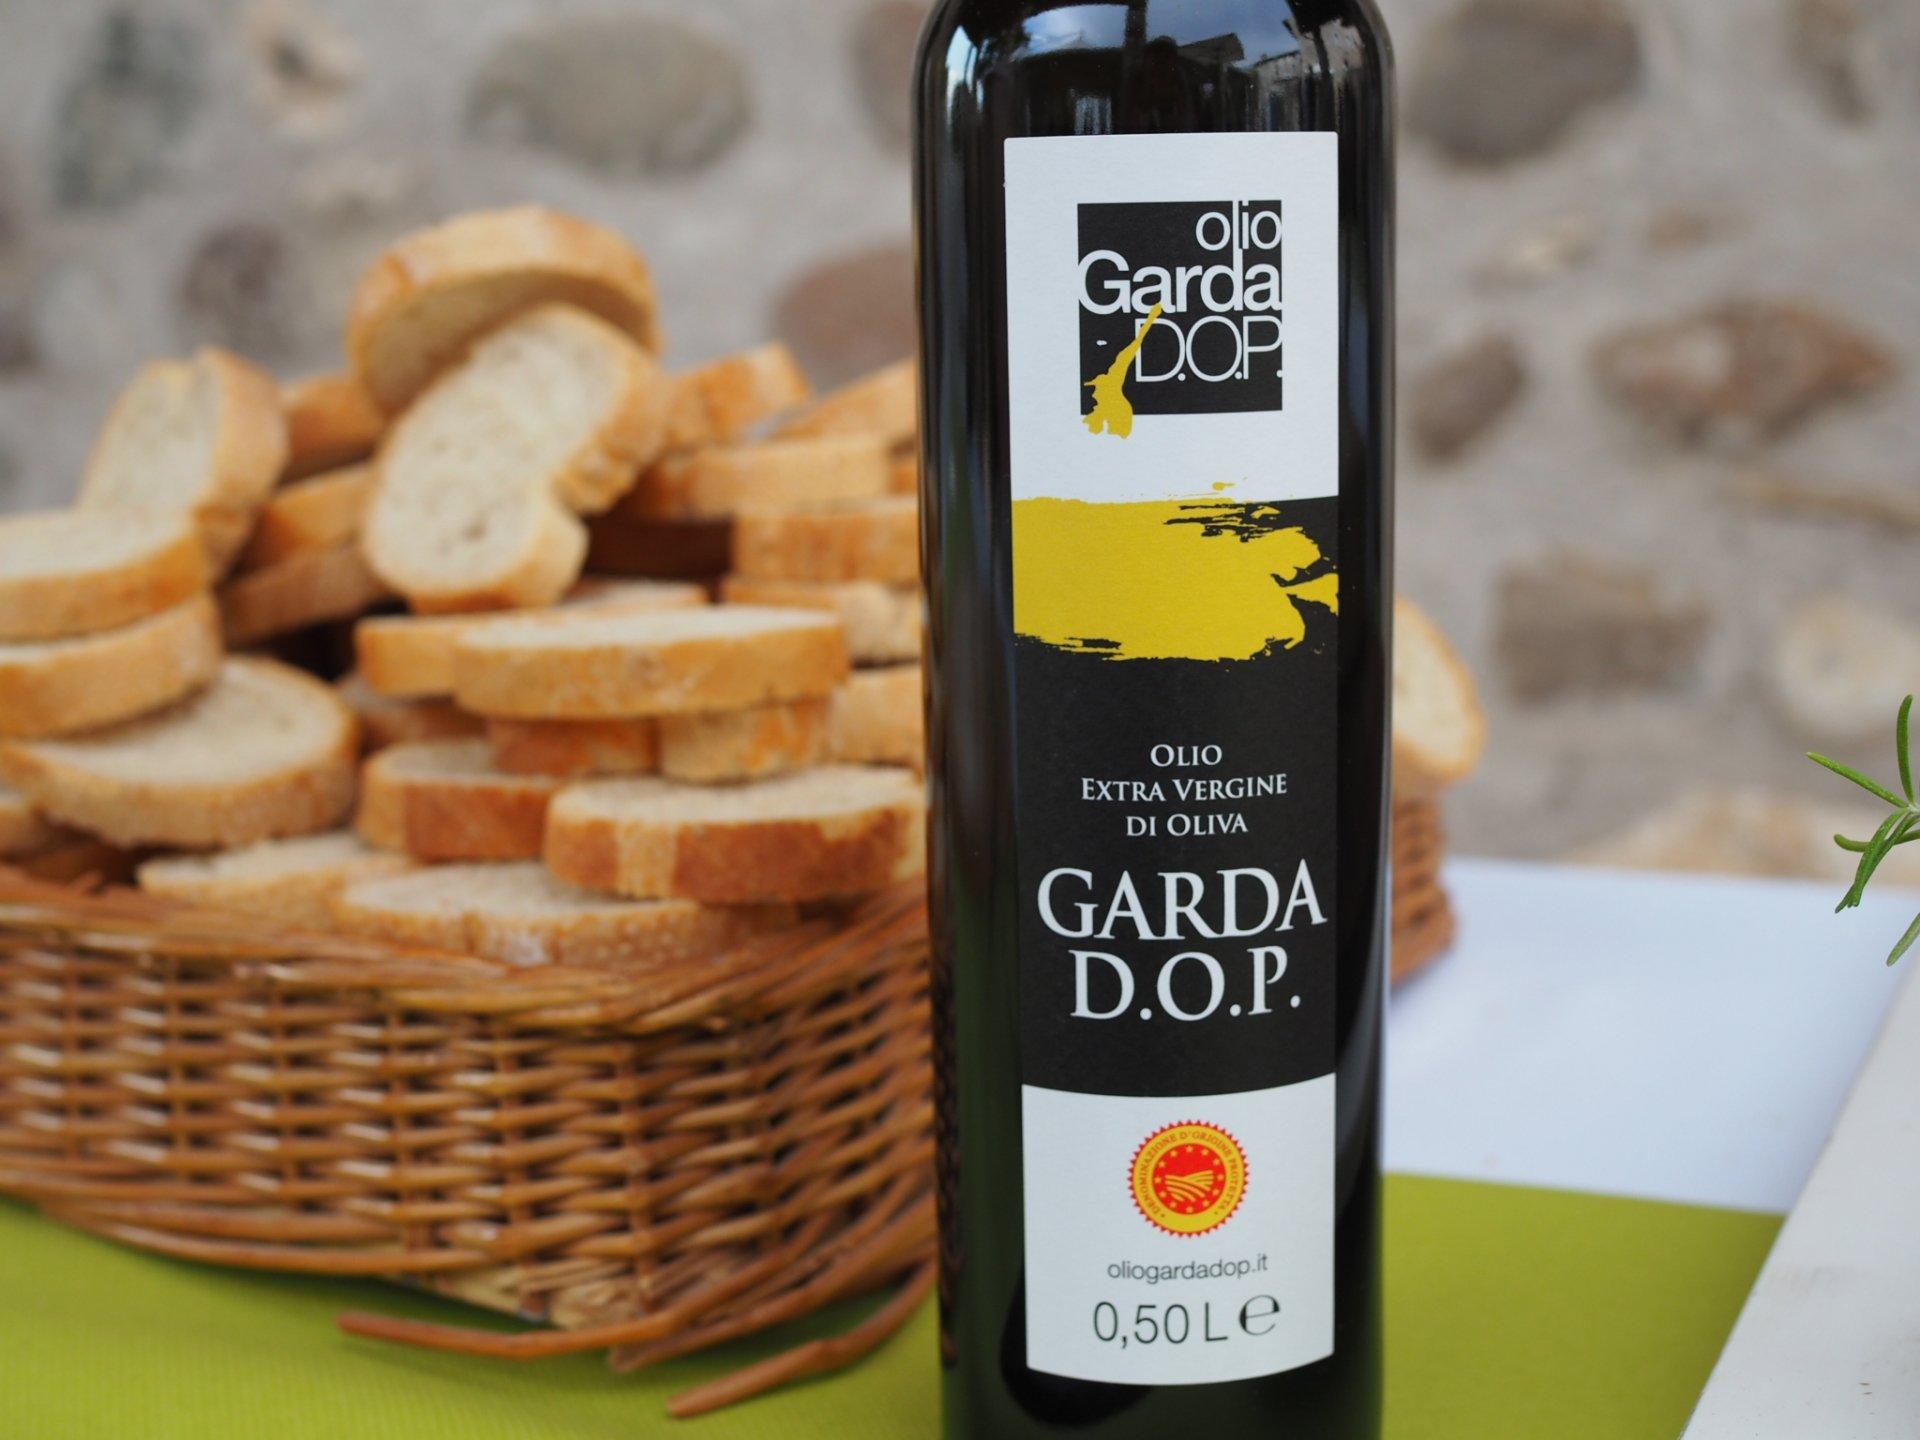 L'olio Garda Dop protagonista di due puntate nella nuova trasmissione dello chef Alessandro Borghese